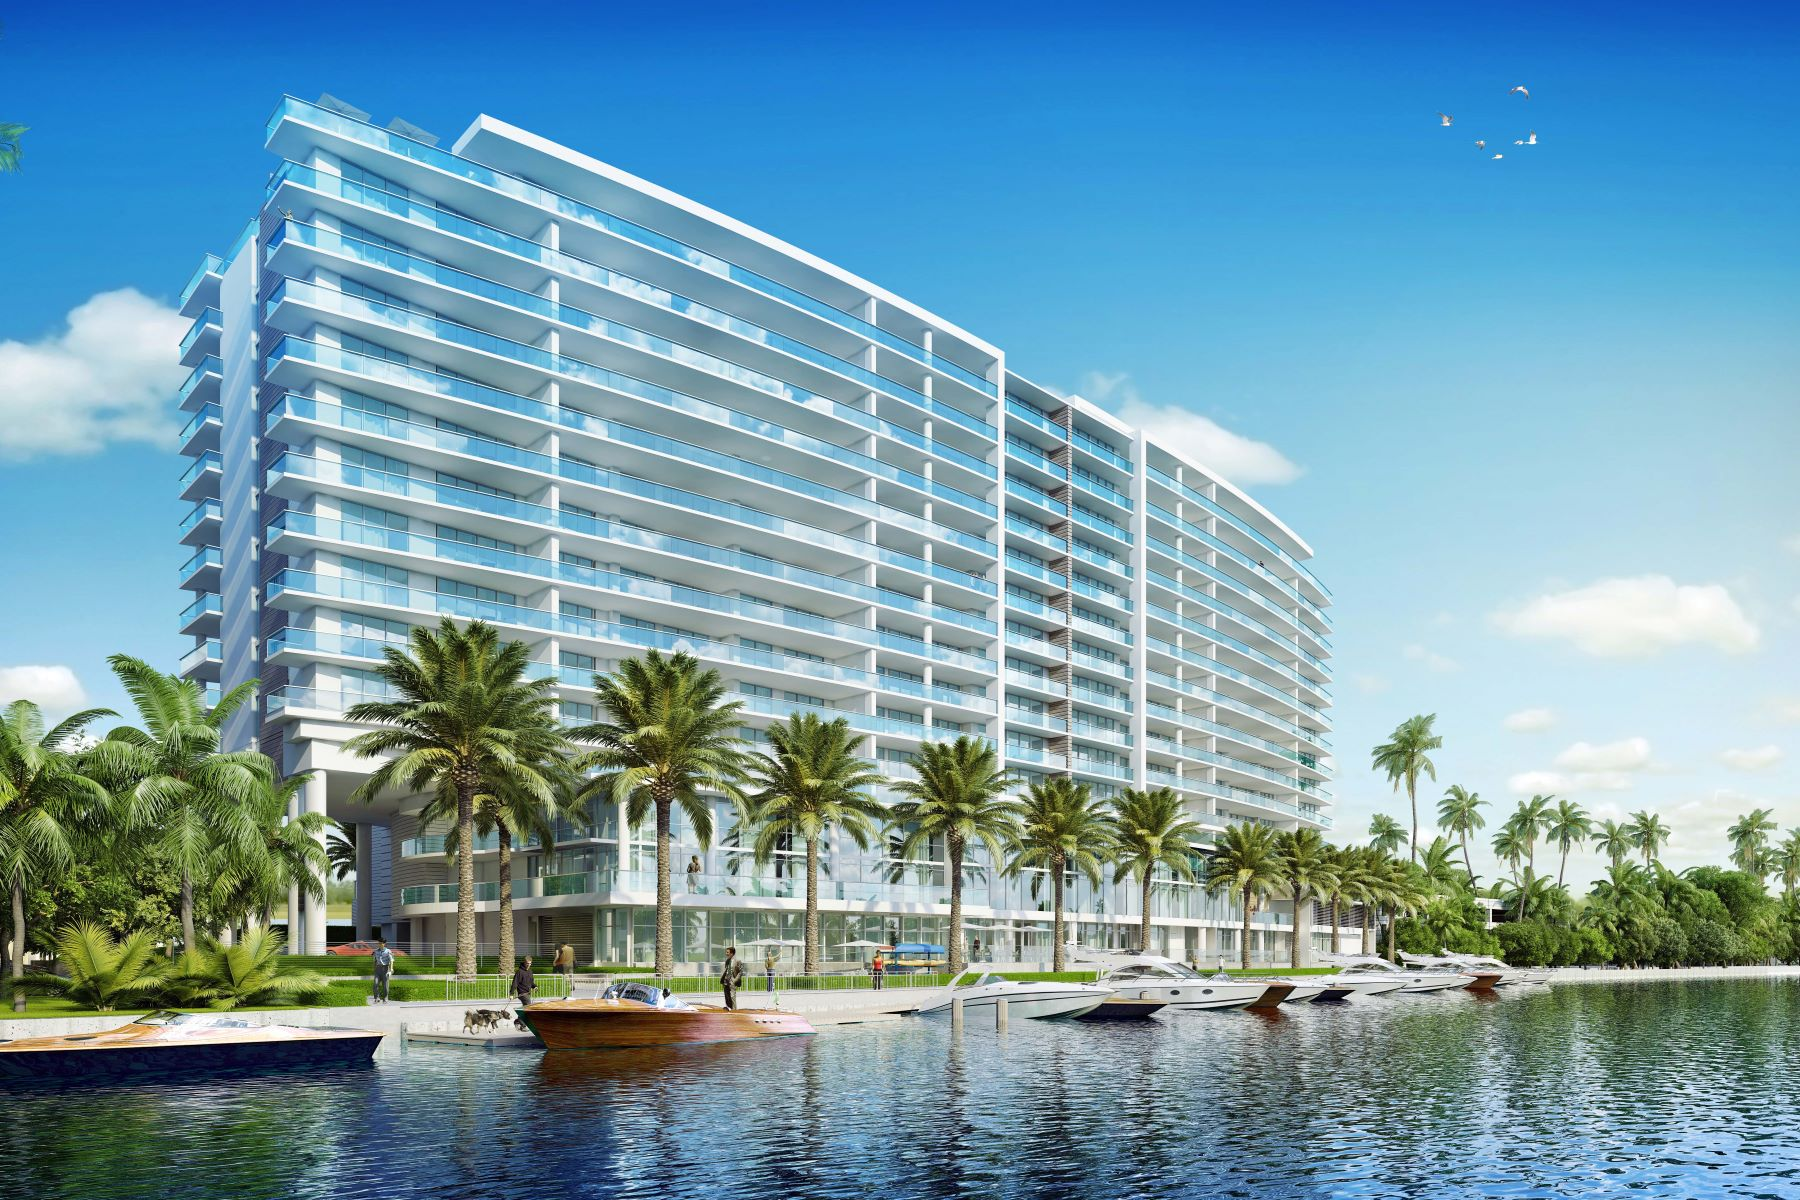 アパート のために 売買 アット 1180 N Federal Hy #708 1180 N Federal Hy 708 Fort Lauderdale, フロリダ, 33304 アメリカ合衆国